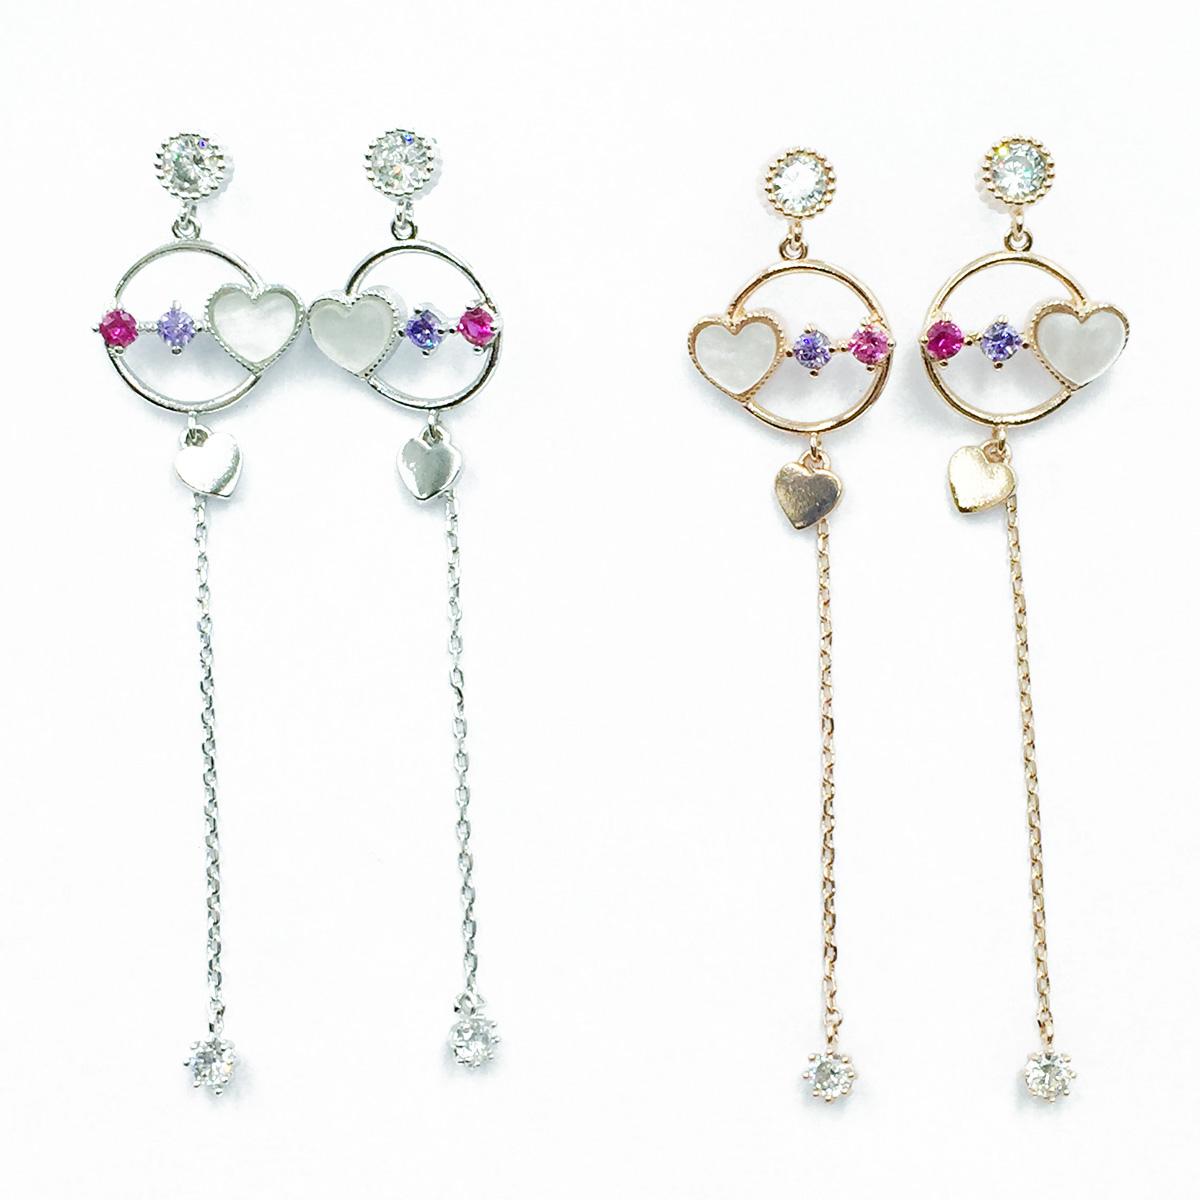 韓國 925純銀 水鑽 愛心 精緻款 2色 垂墜感 耳針式耳環